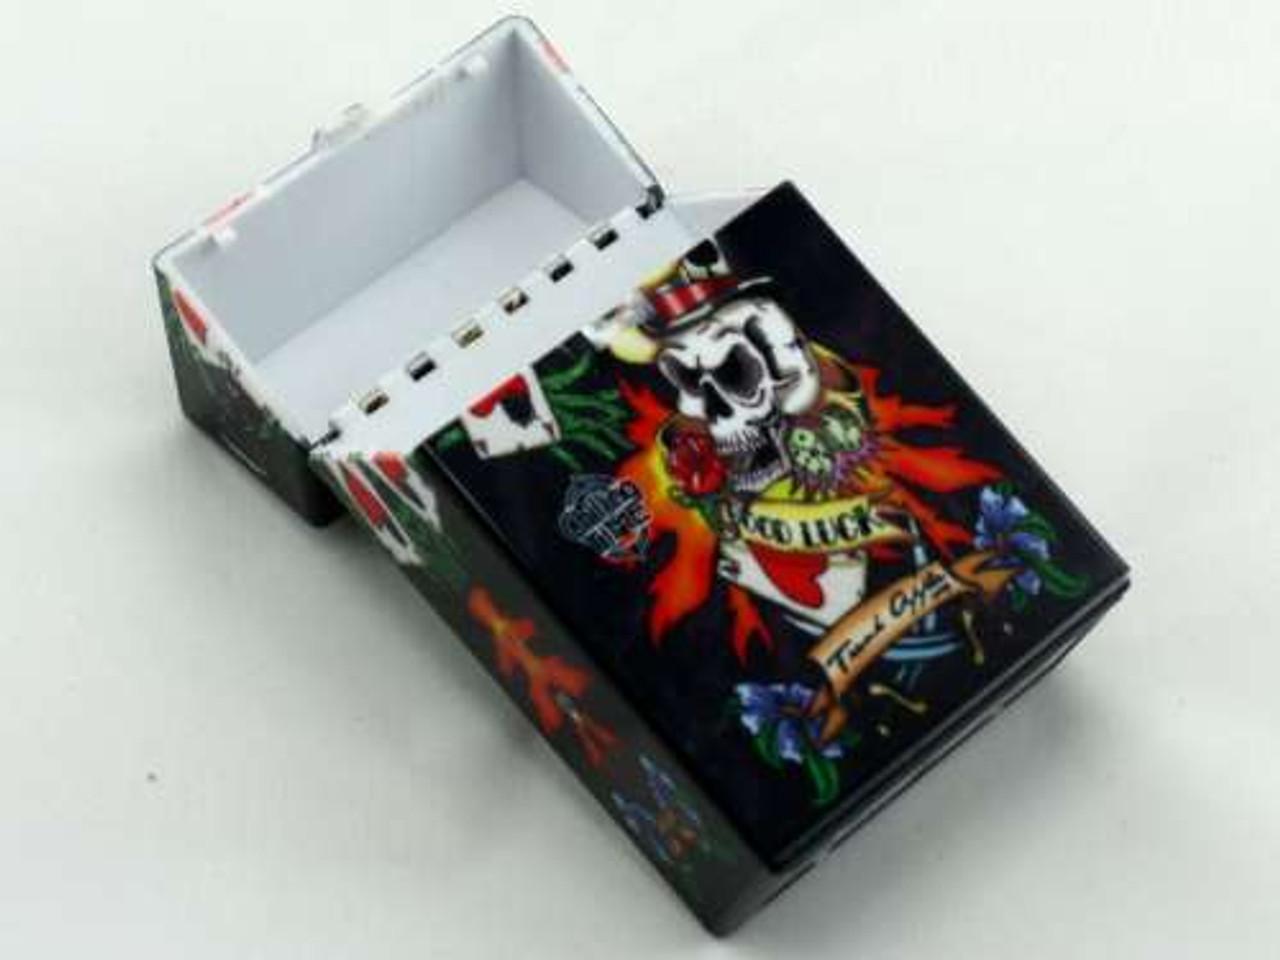 Lucky Tattoo Cigarette Pack Holder